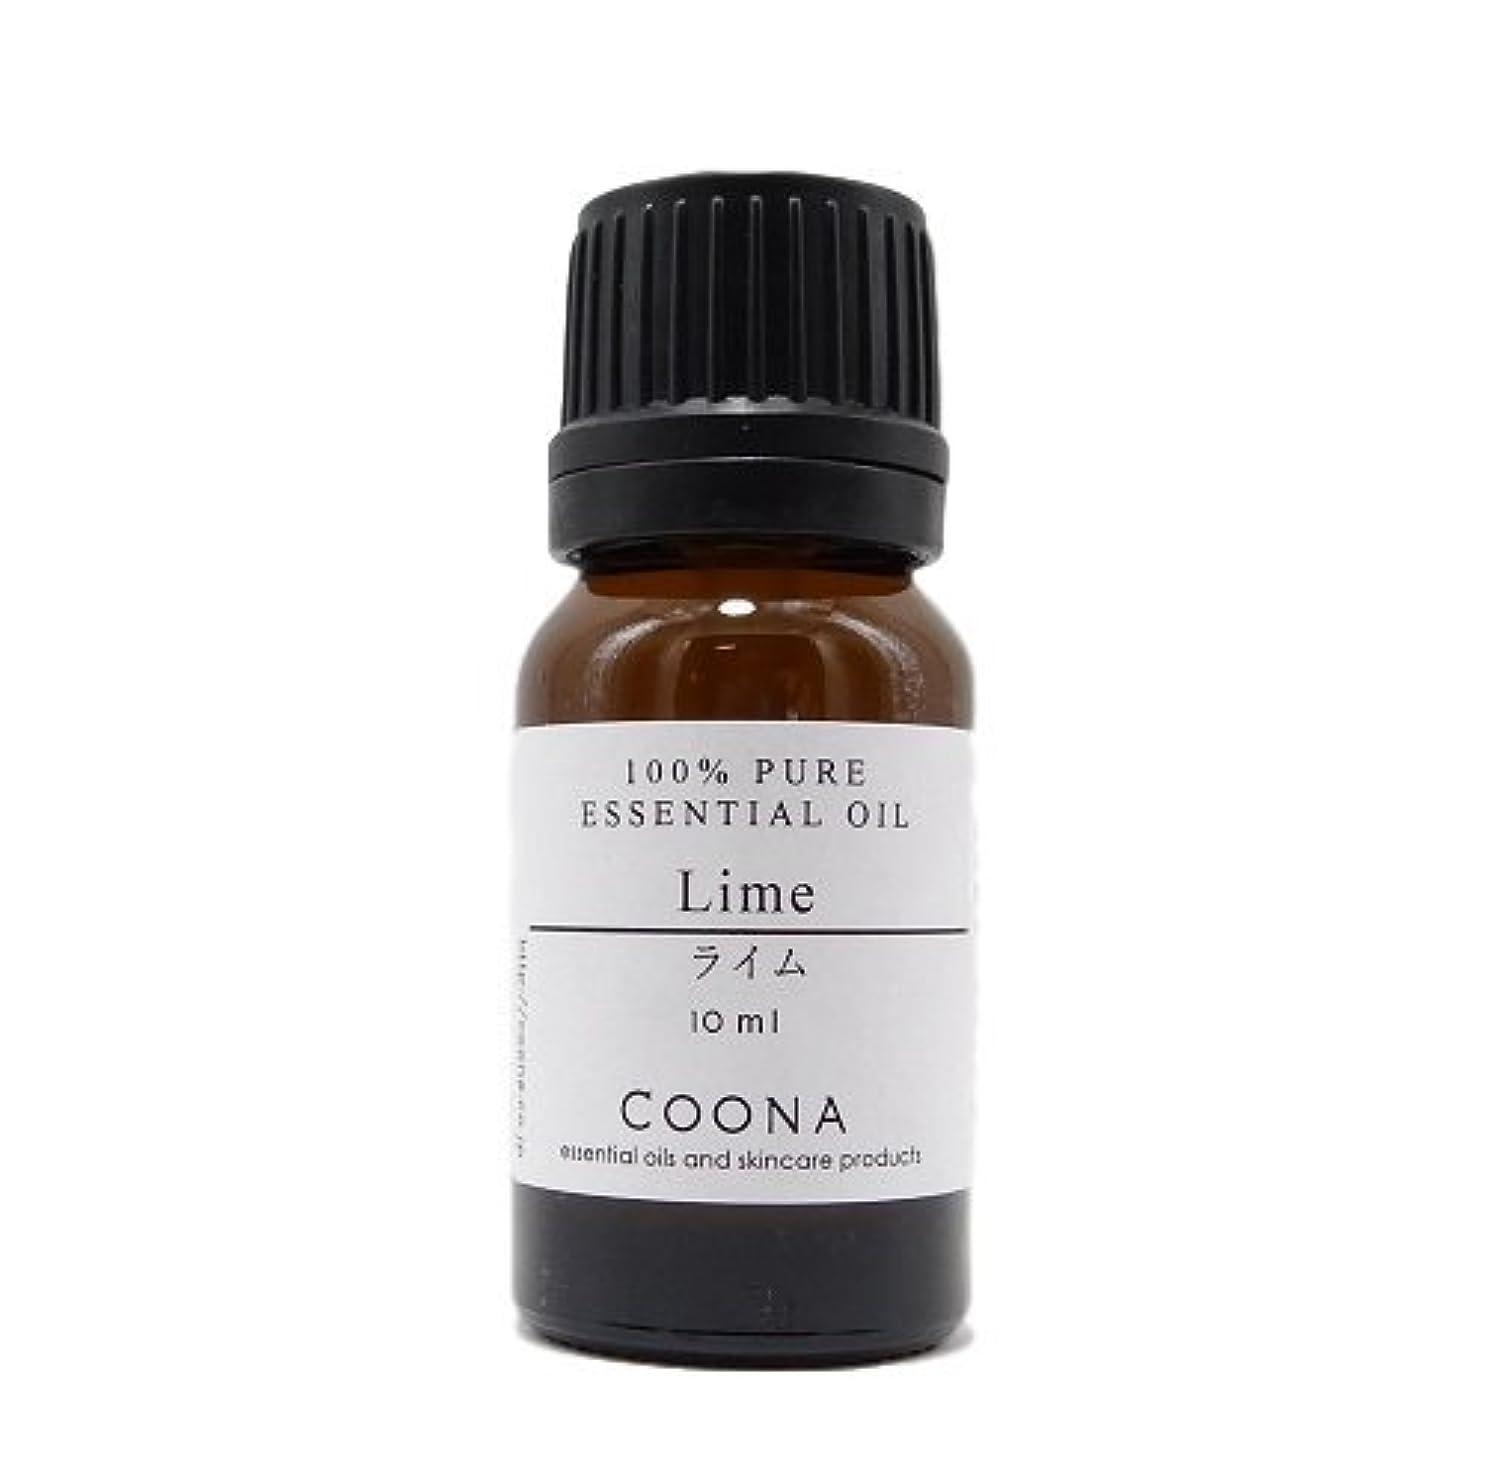 サンドイッチ矩形トレイライム 10 ml (COONA エッセンシャルオイル アロマオイル 100%天然植物精油)